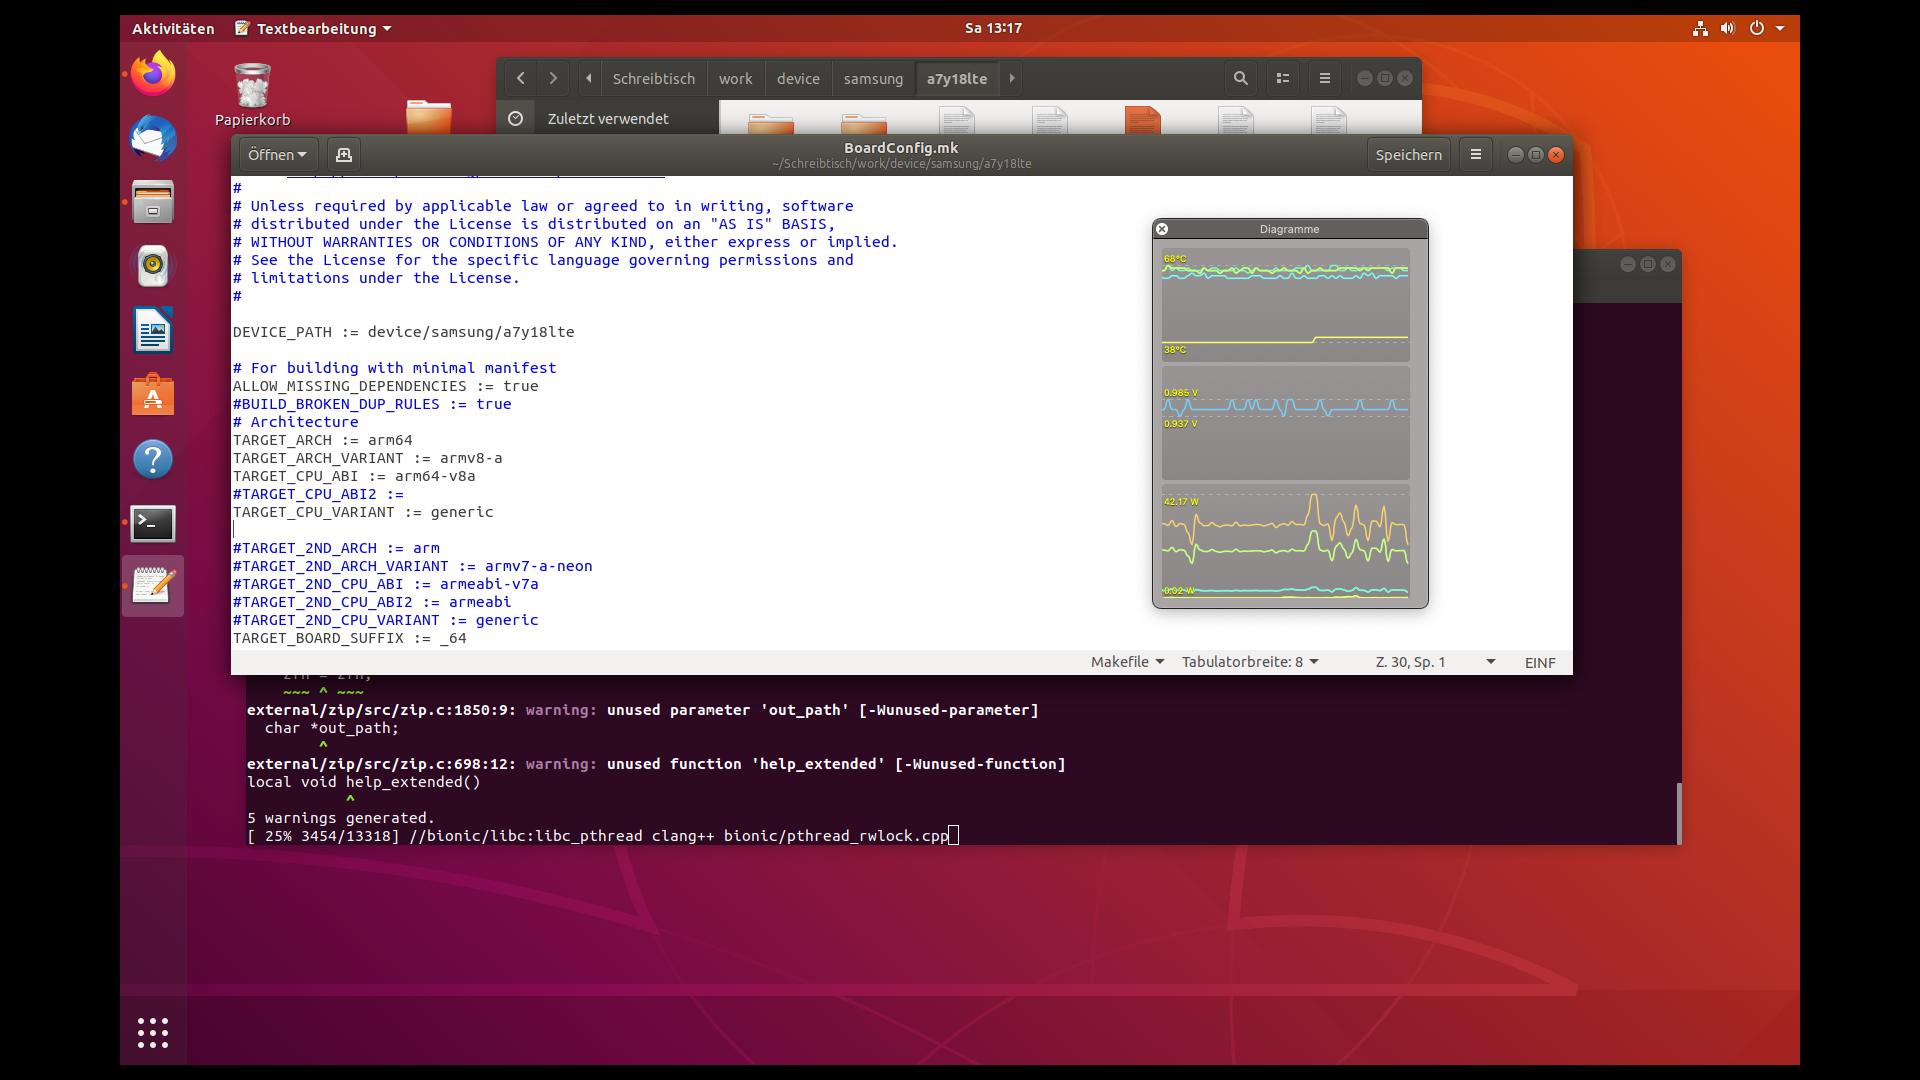 Bildschirmfoto 2021-05-01 um 13.17.04.png